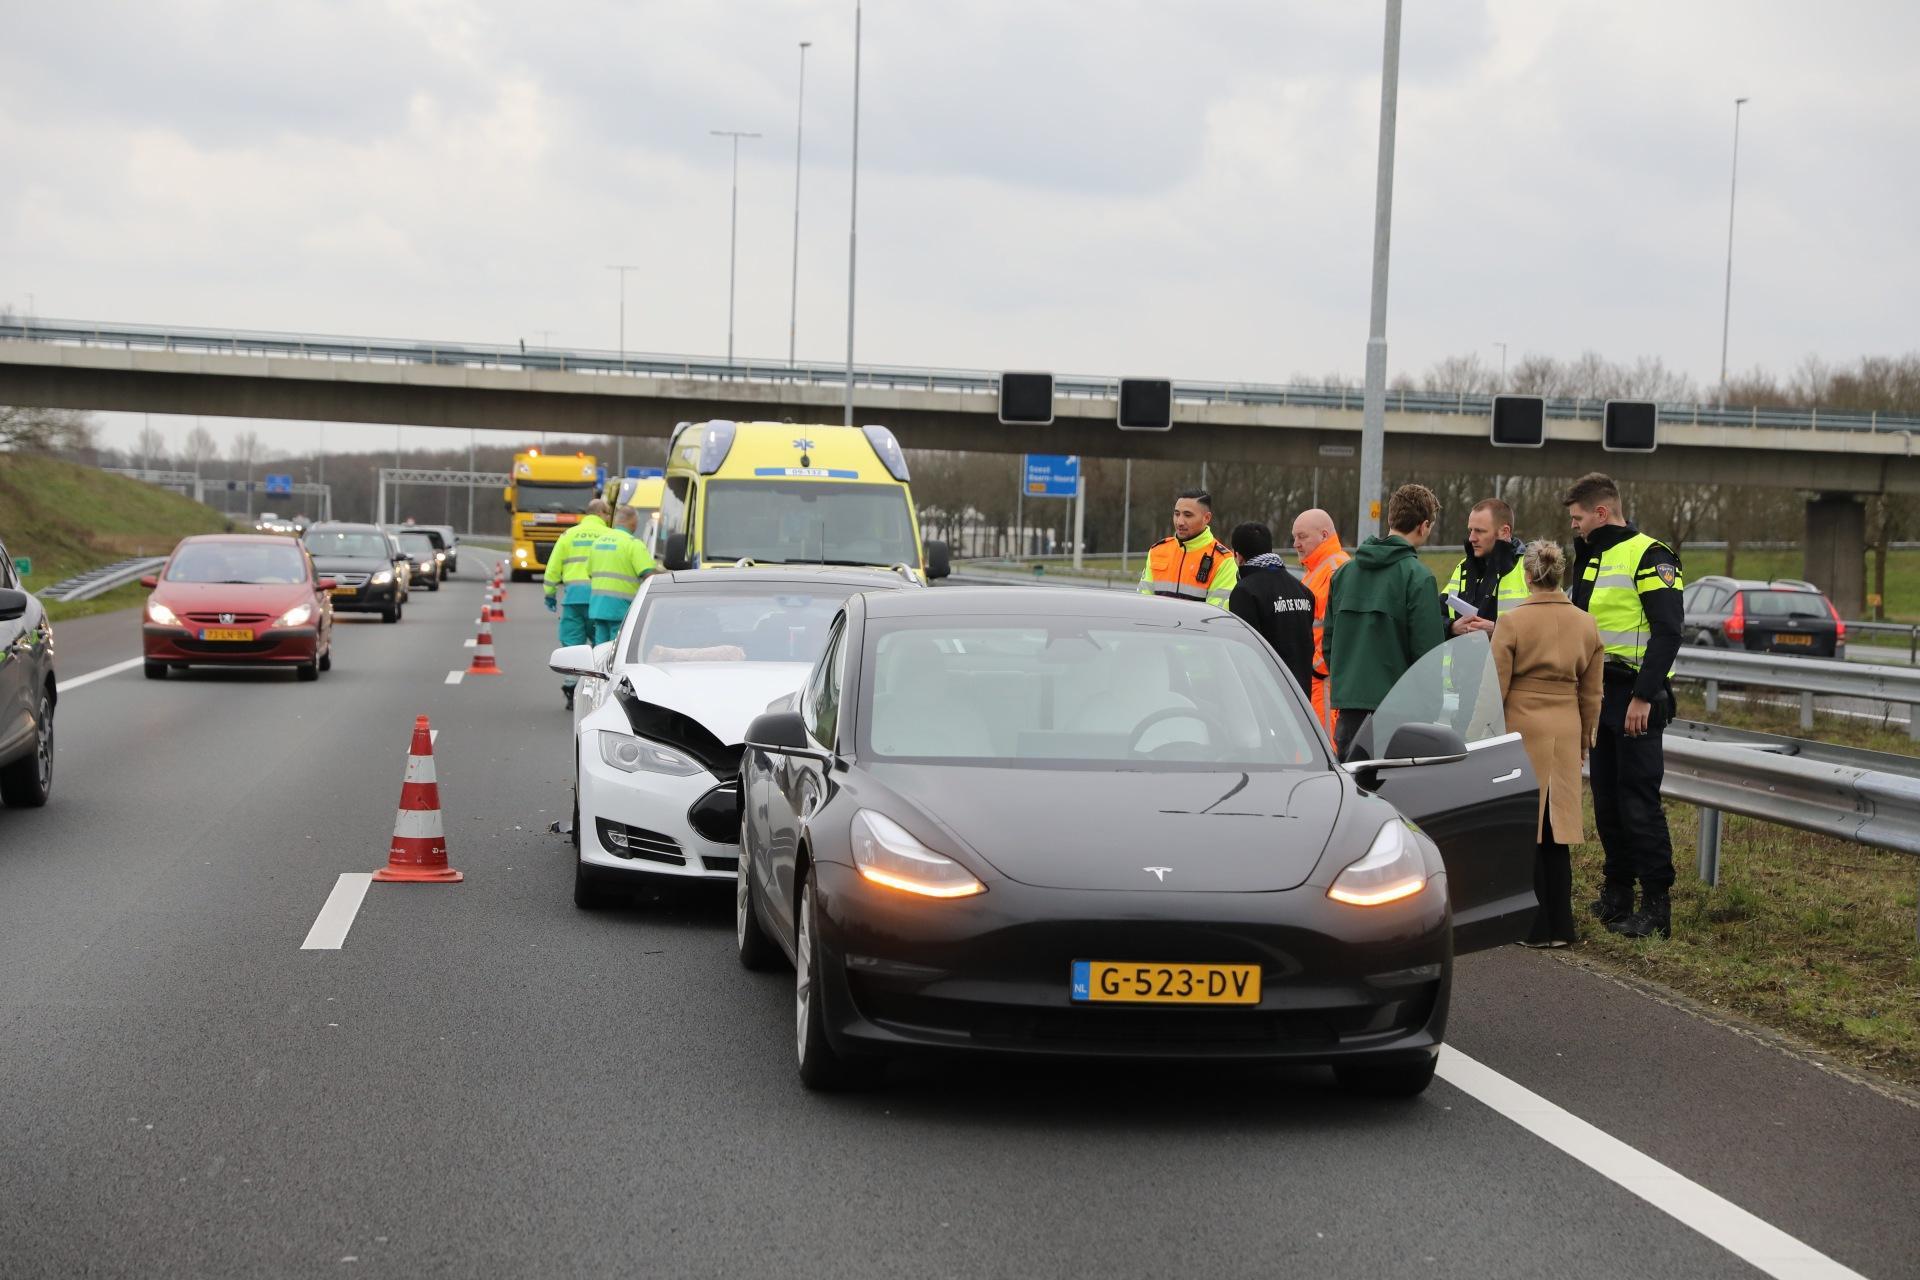 Twee gewonden na ongeluk met drie auto's op de A1, knooppunt Eemnes